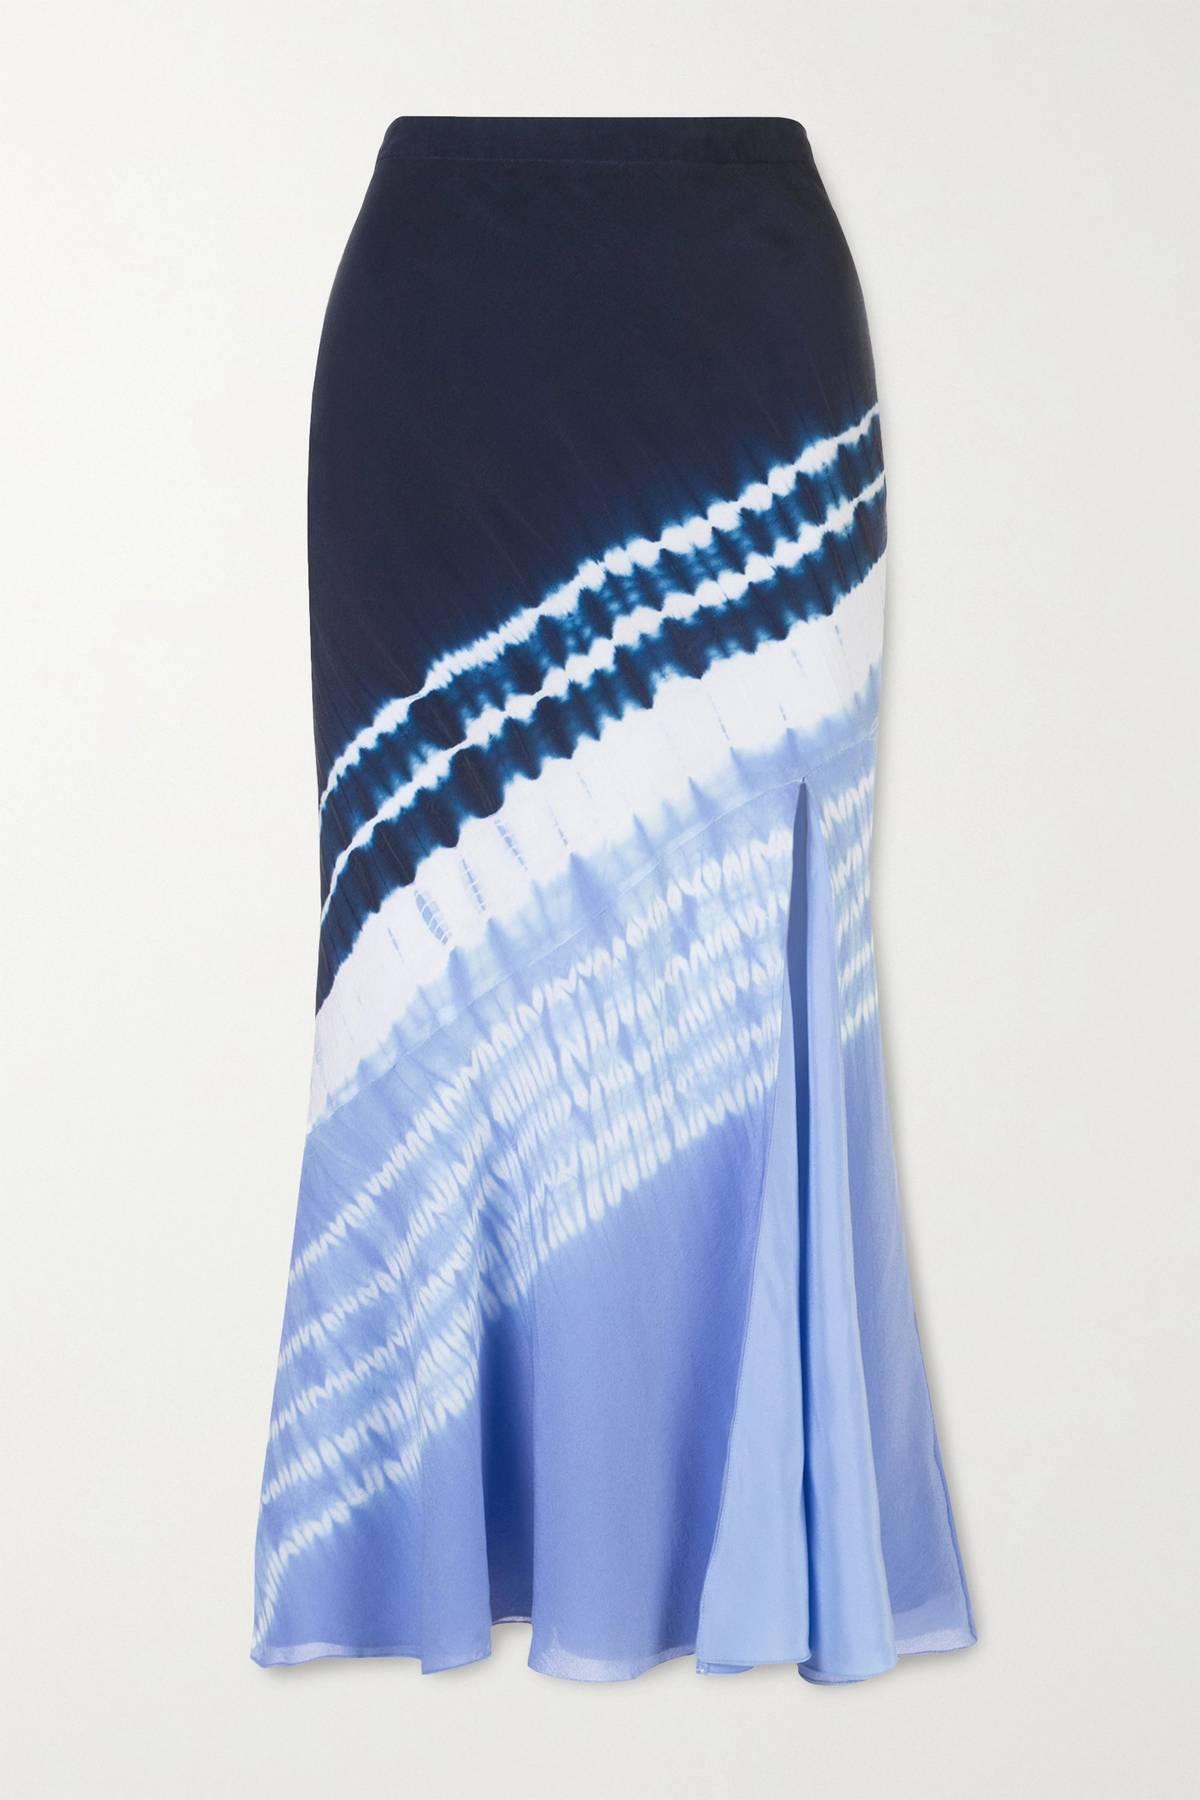 Οι midi φούστες είναι το απόλυτο staple της γυναικείας γκαρνταρόμπας (Τα αέρινα σχέδια που θα σου πάρουν το μυαλό!)